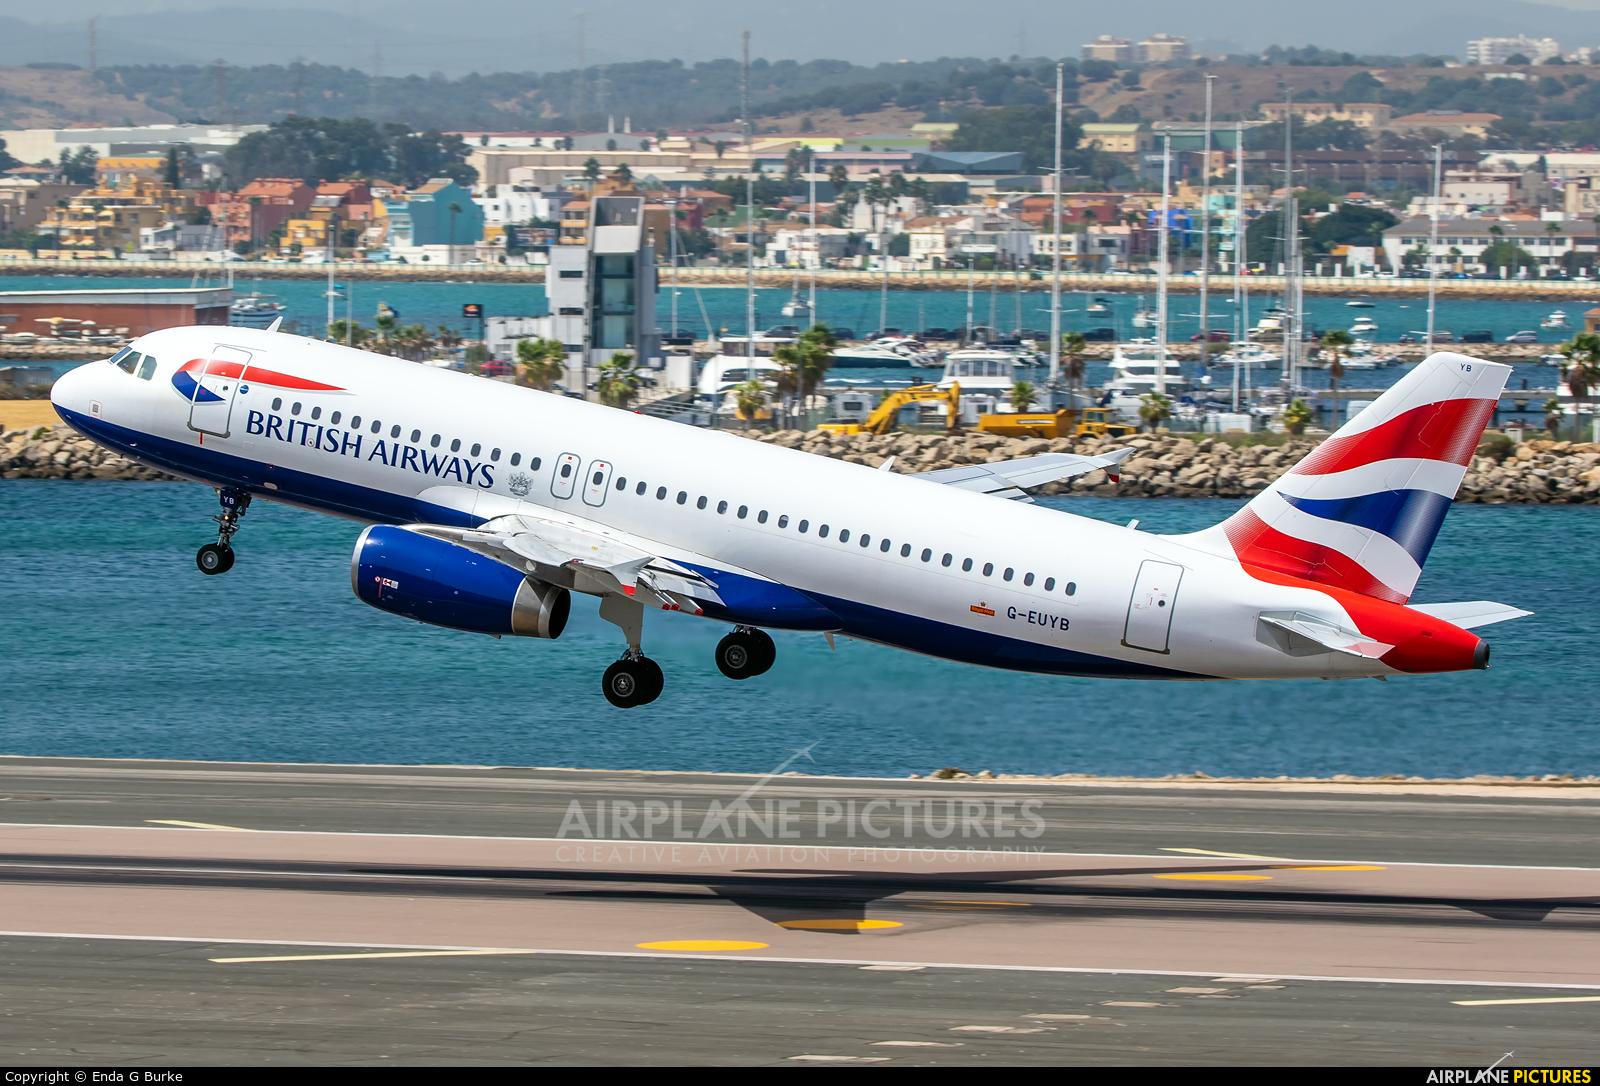 British Airways G-EUYB aircraft at Gibraltar